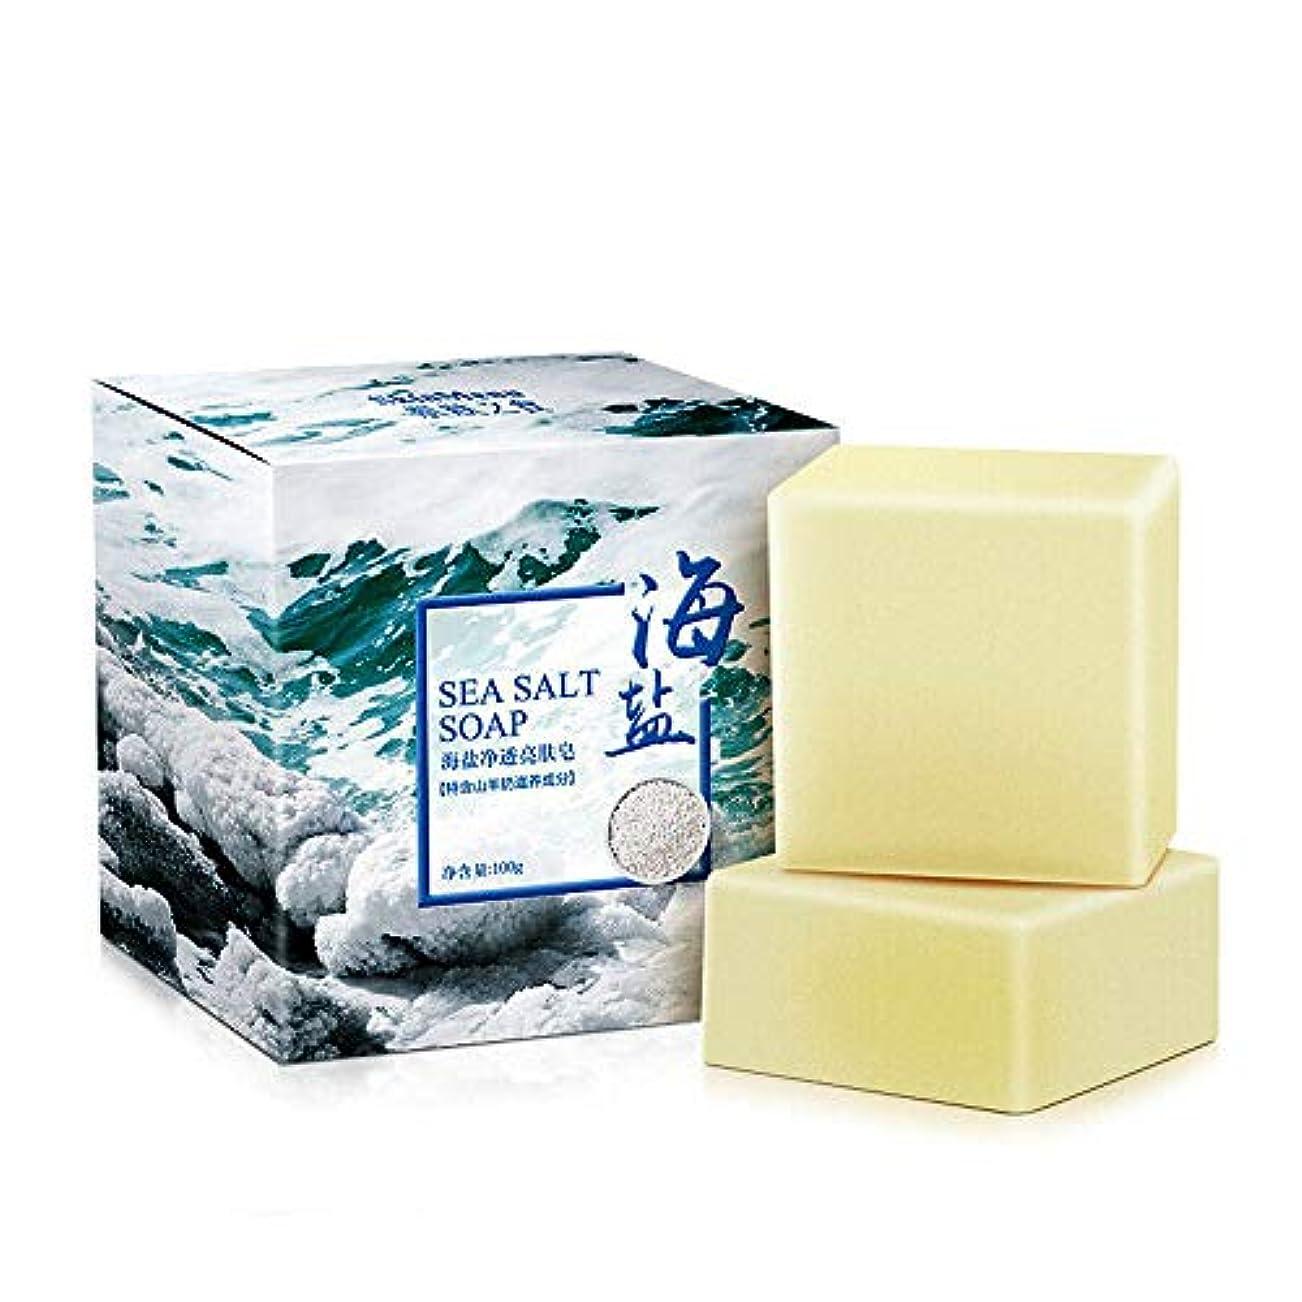 赤字死の顎放出せっけん 石鹸 海塩 山羊乳 洗顔 ボディ用 浴用せっけん しっとり肌 植物性 無添加 白い 100g×1個入 (#2)